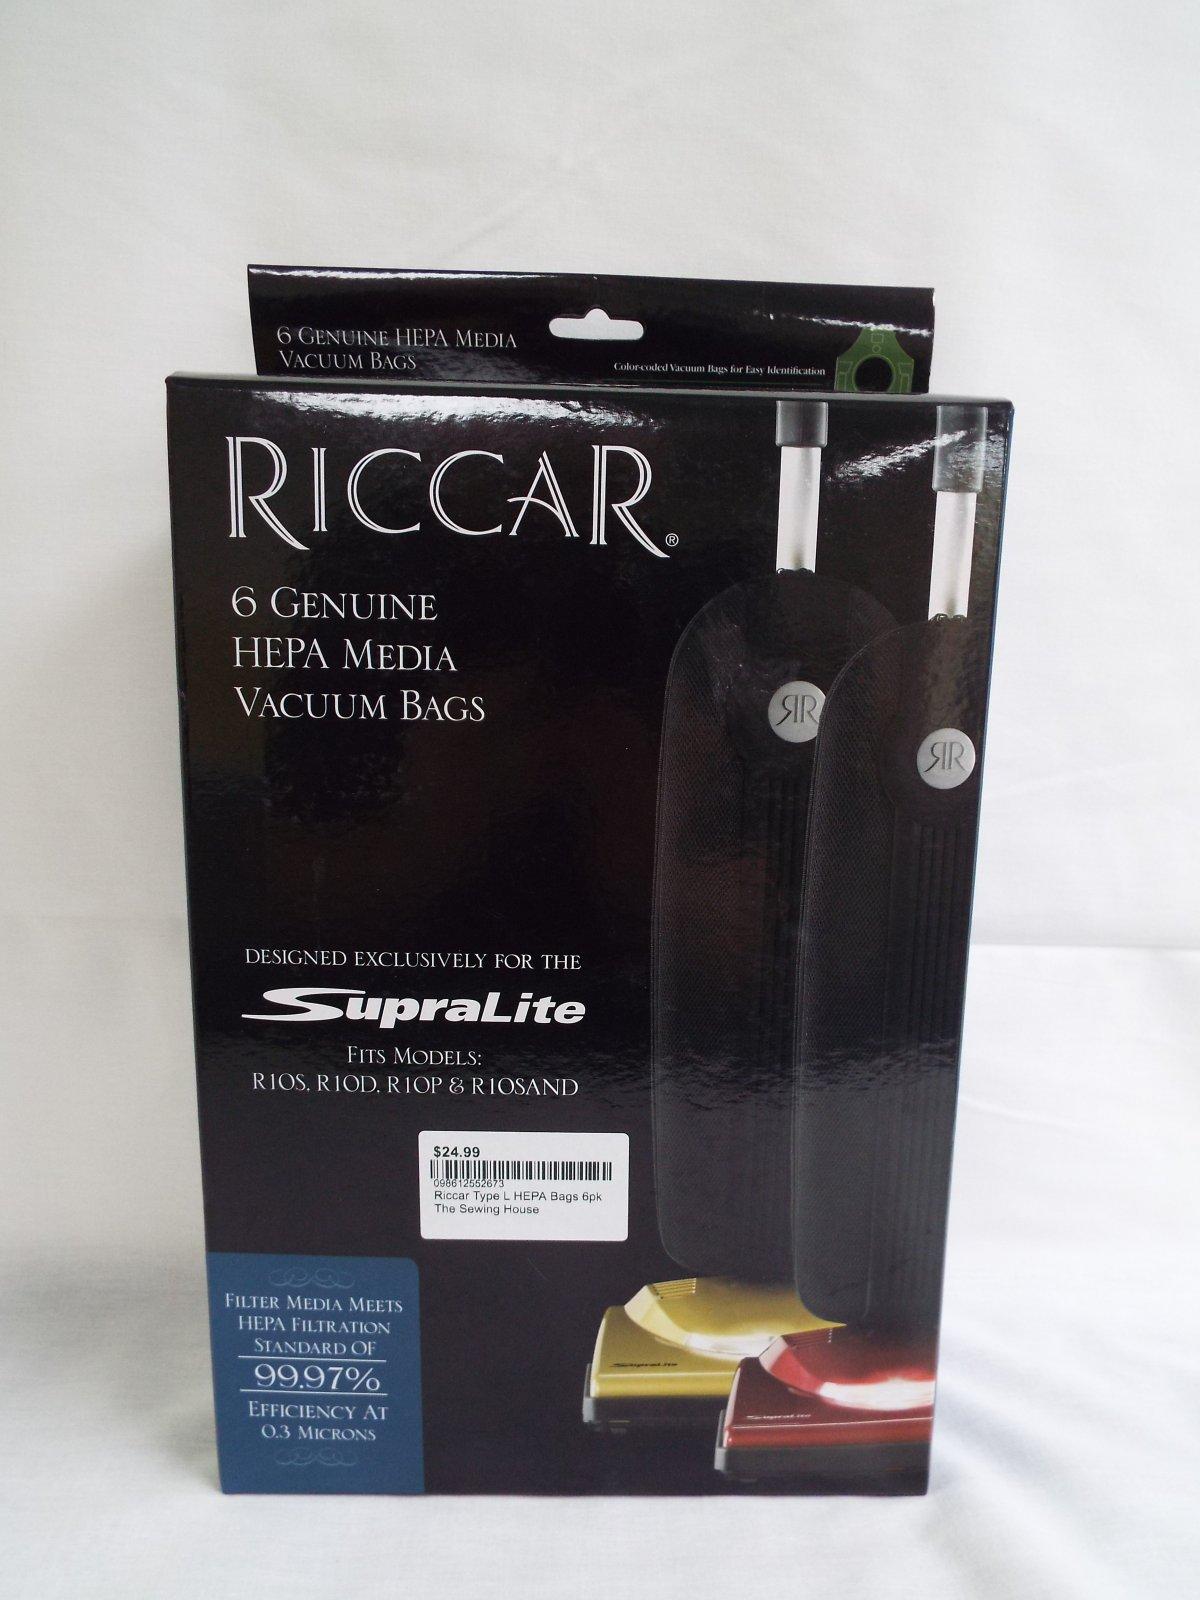 Riccar Type L HEPA Bags 6pk R10S, R10D & R10P